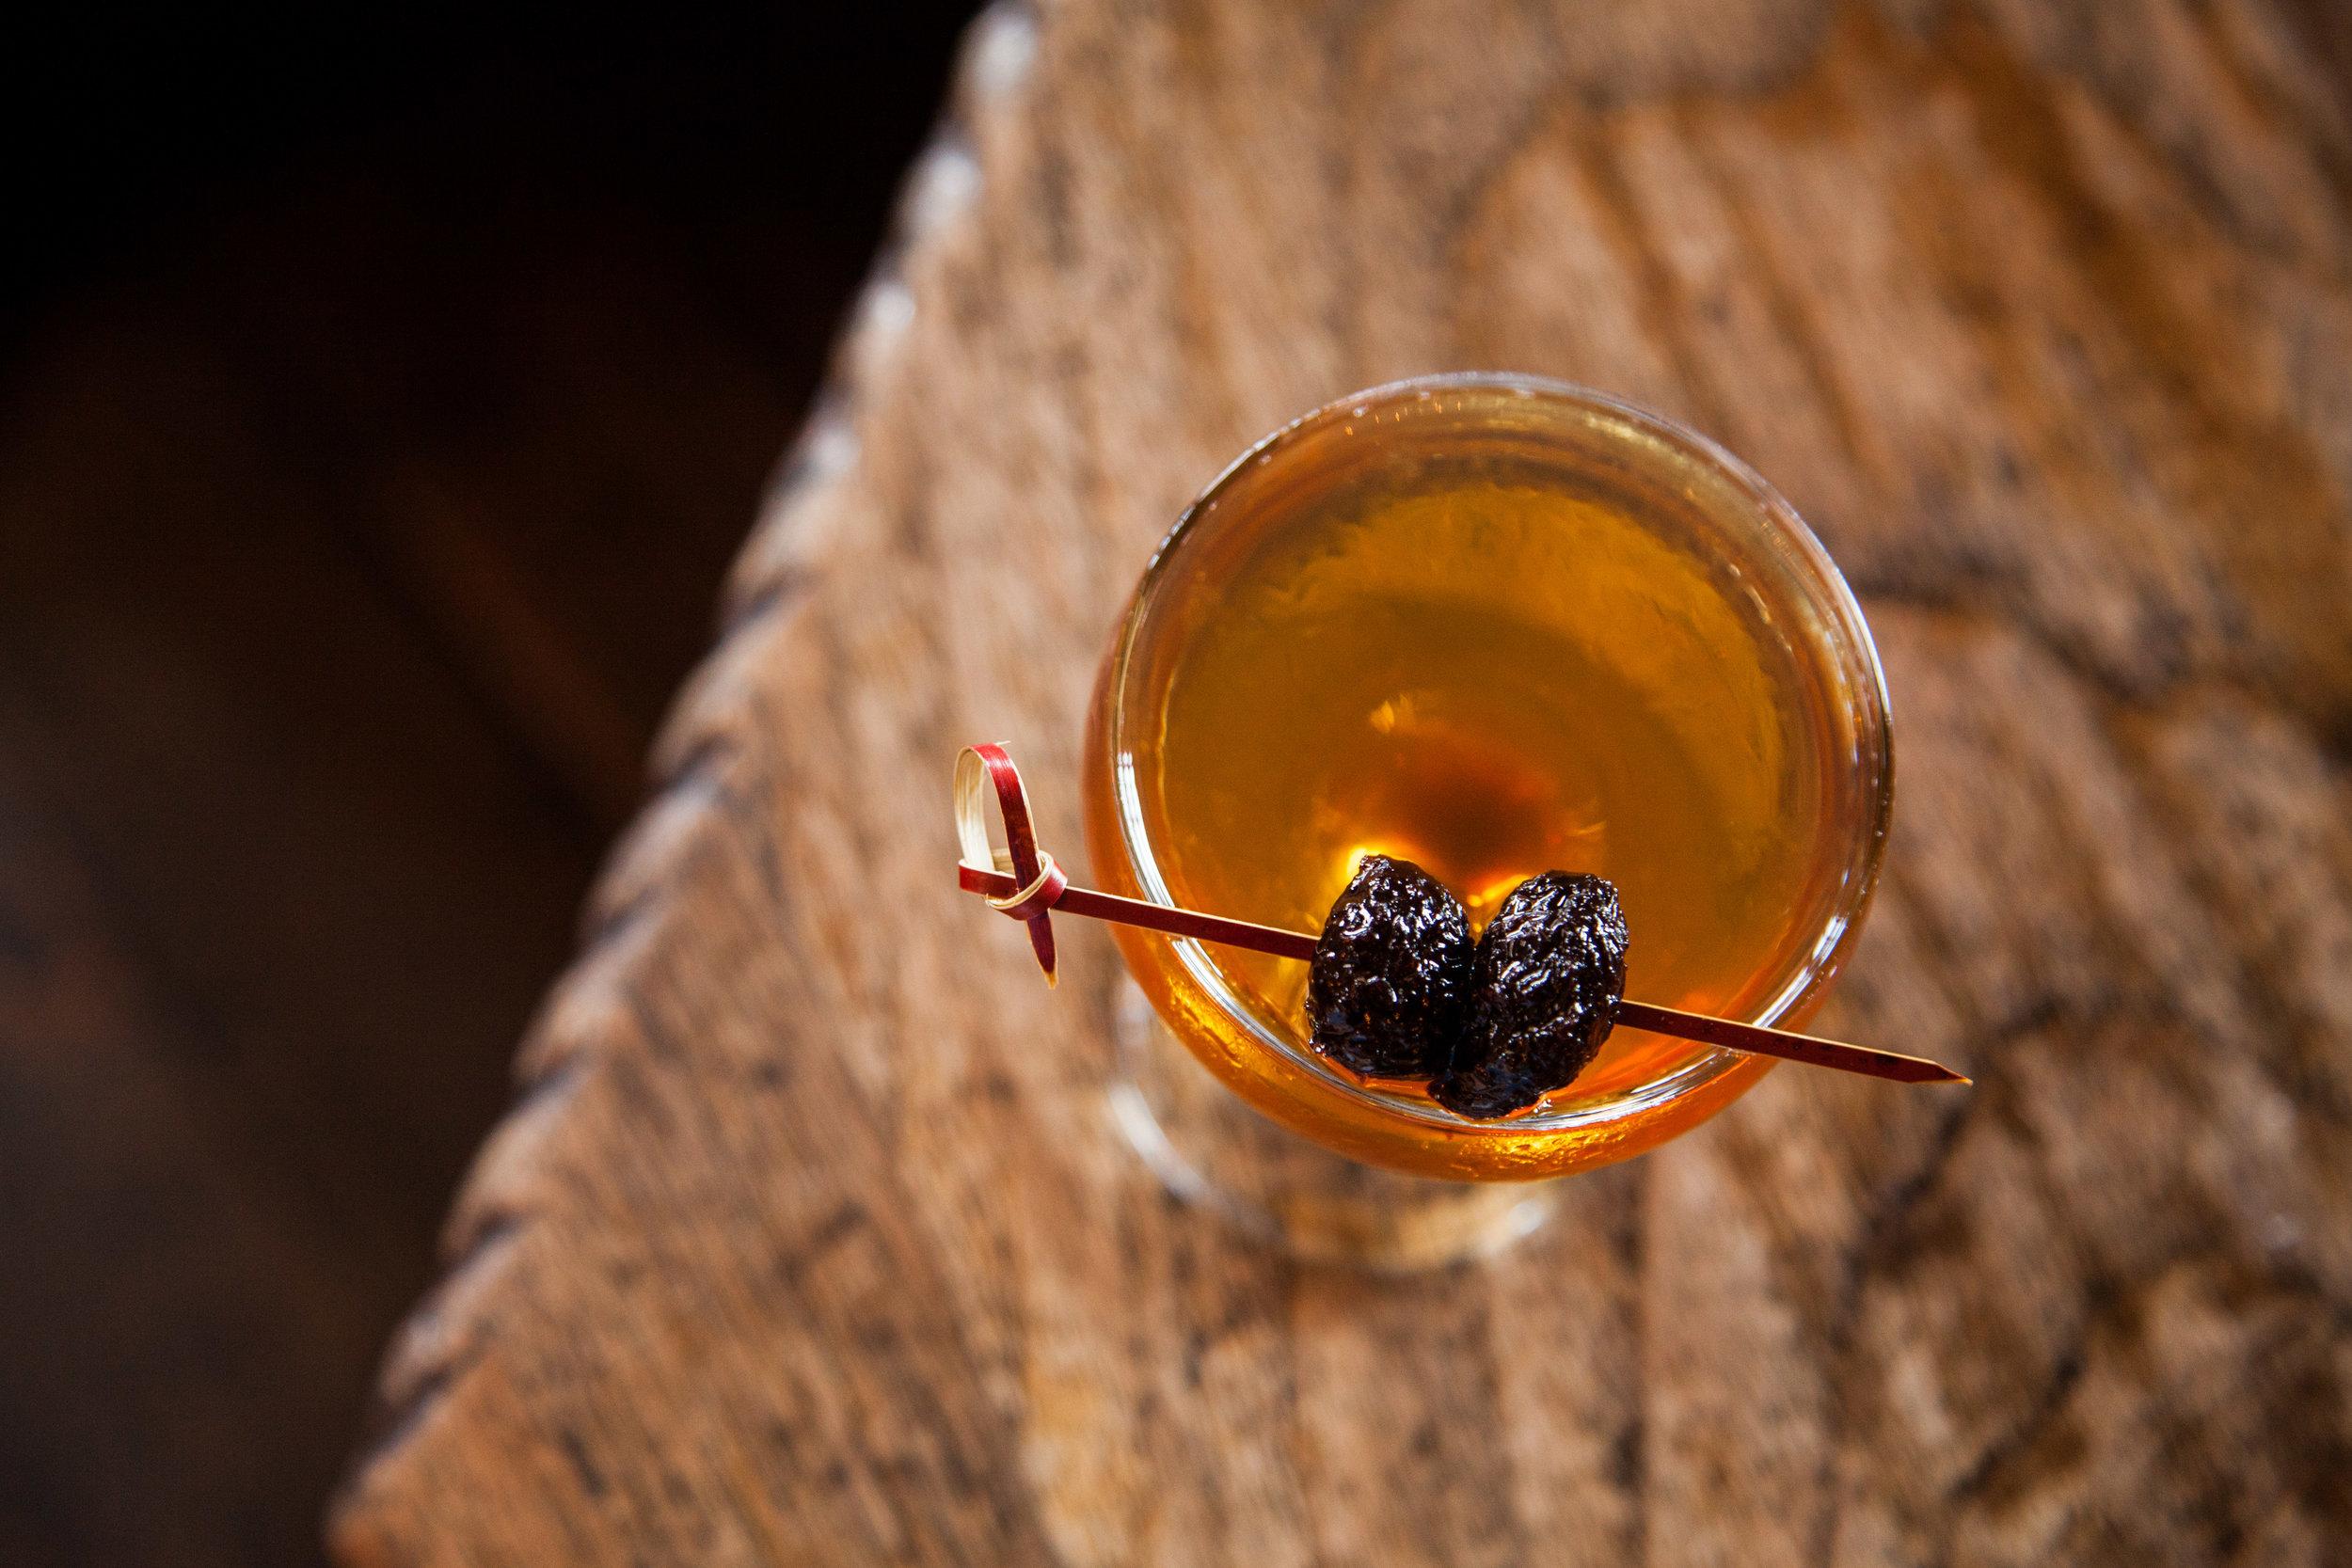 Melrose Umbrella Co Summer Cocktails-3.jpg